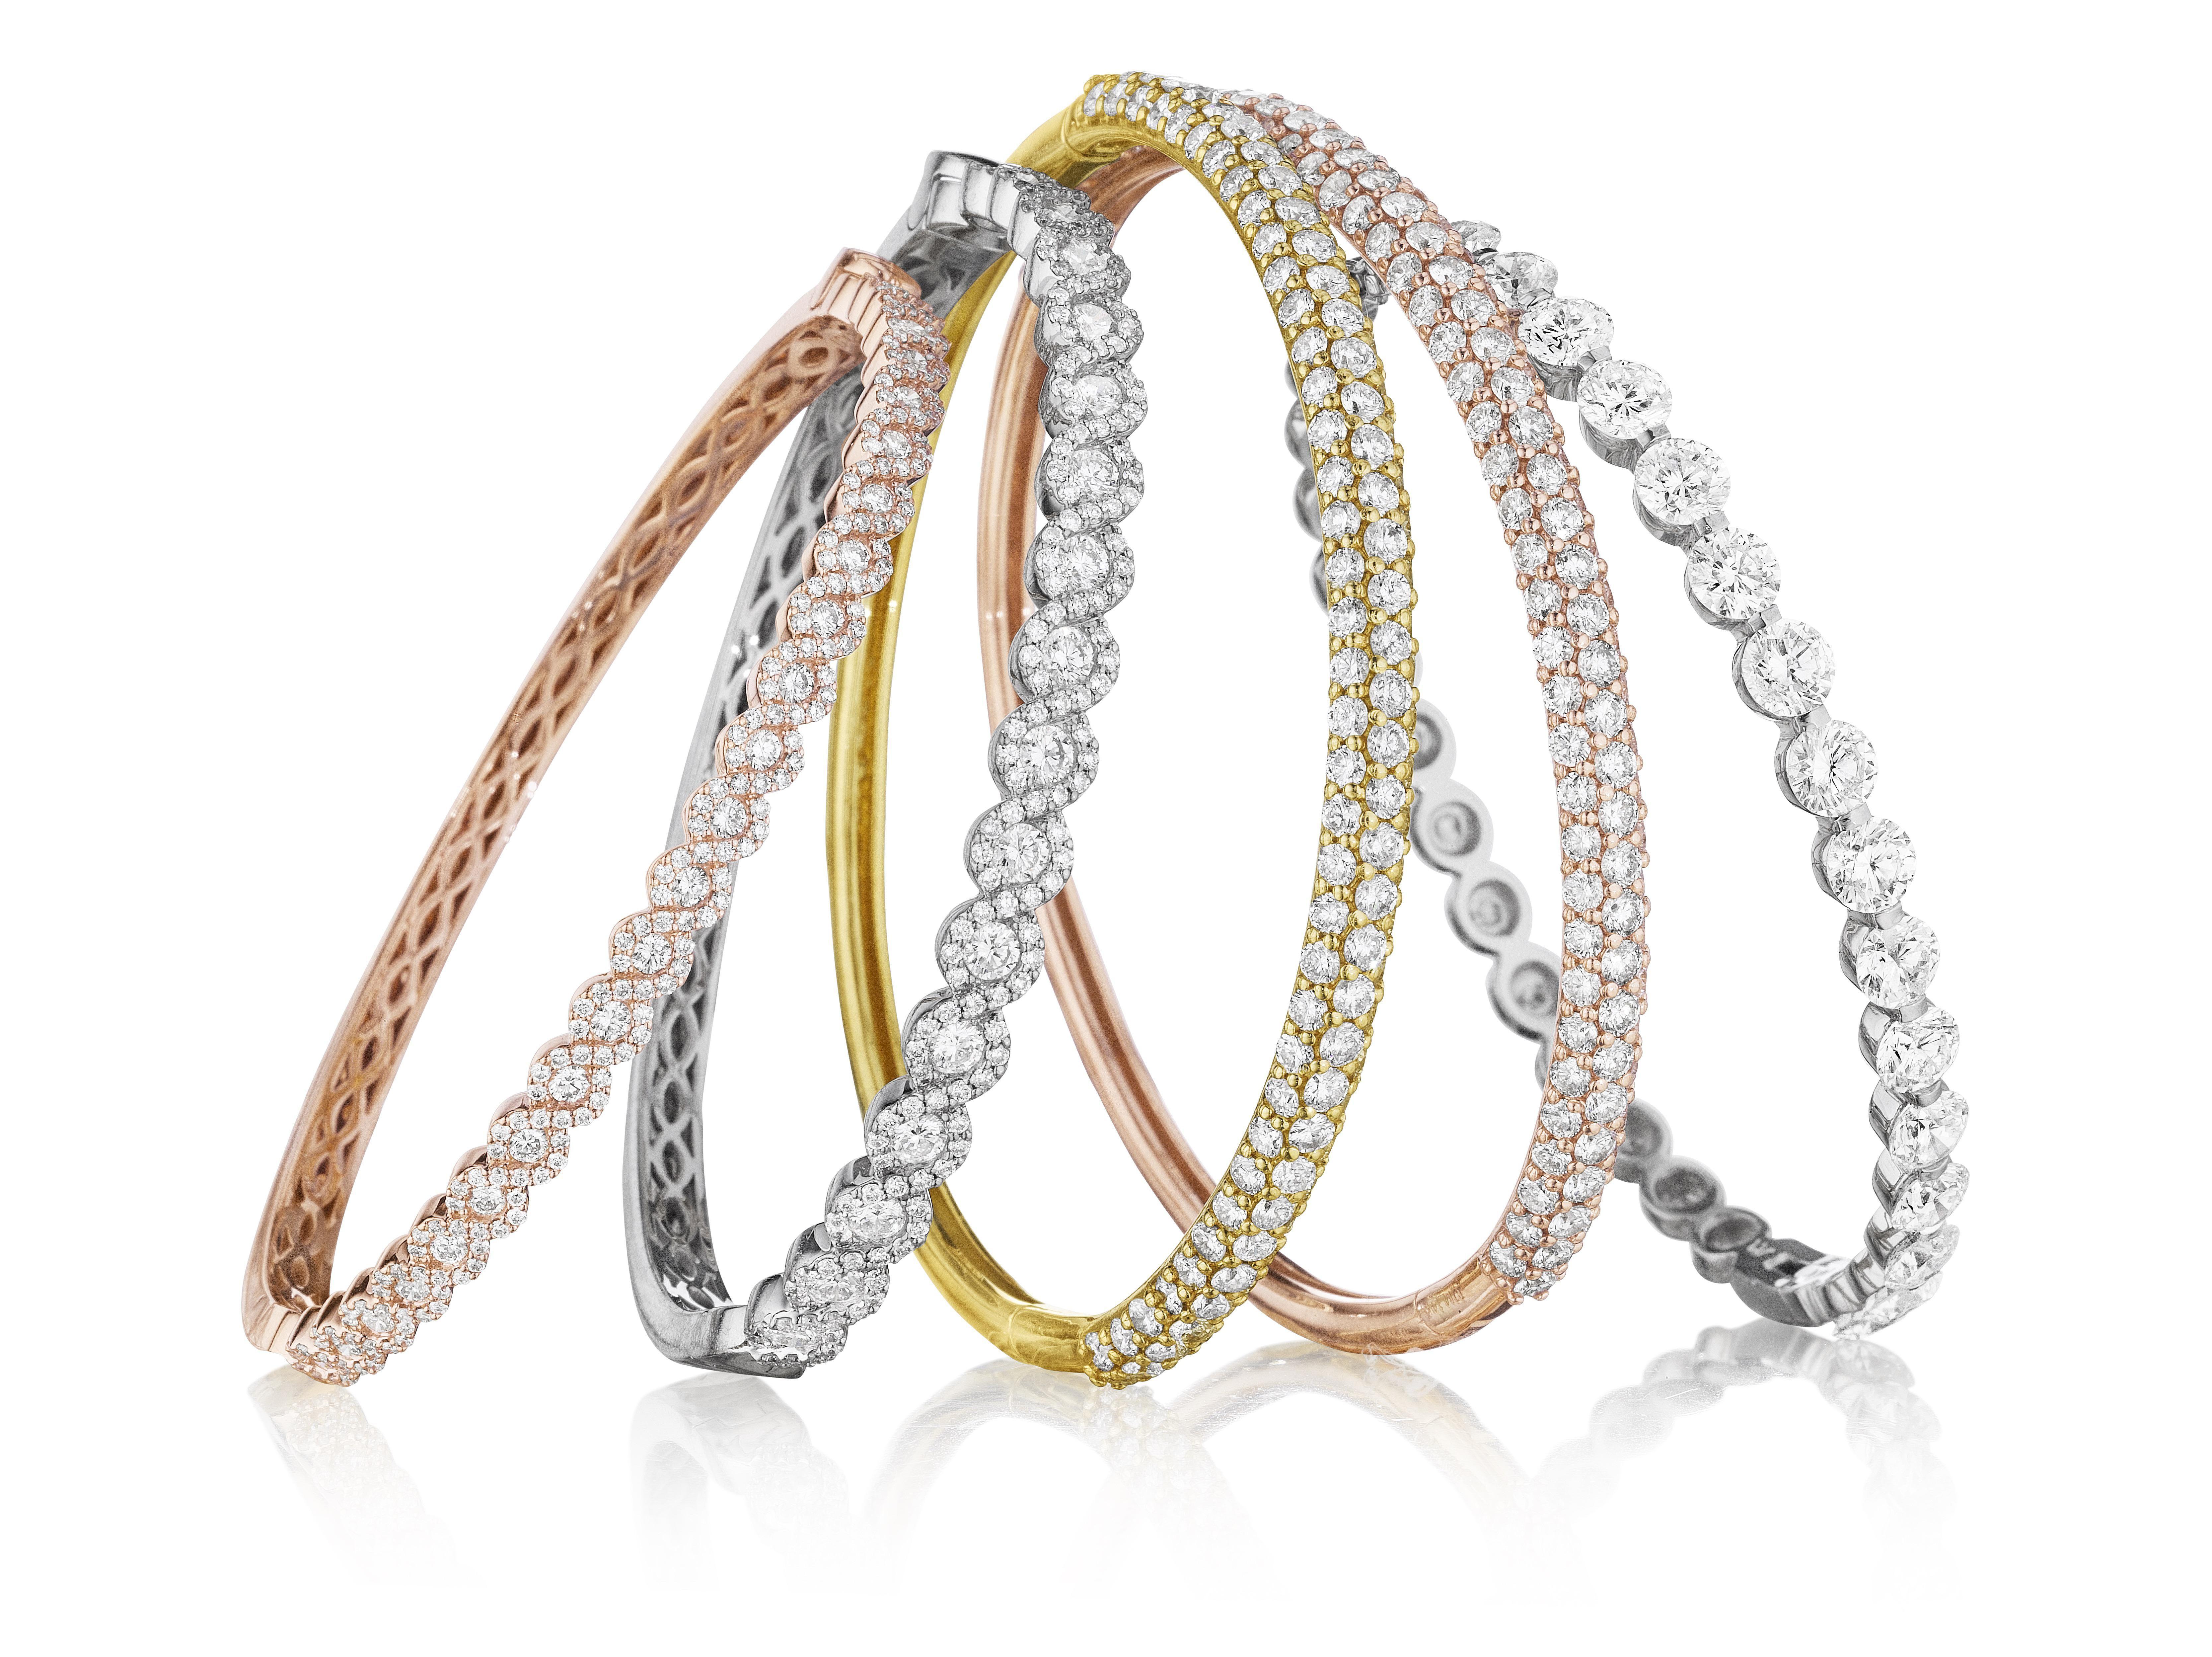 Diamonds Direct Shines Bright, Now Open Near Galleria